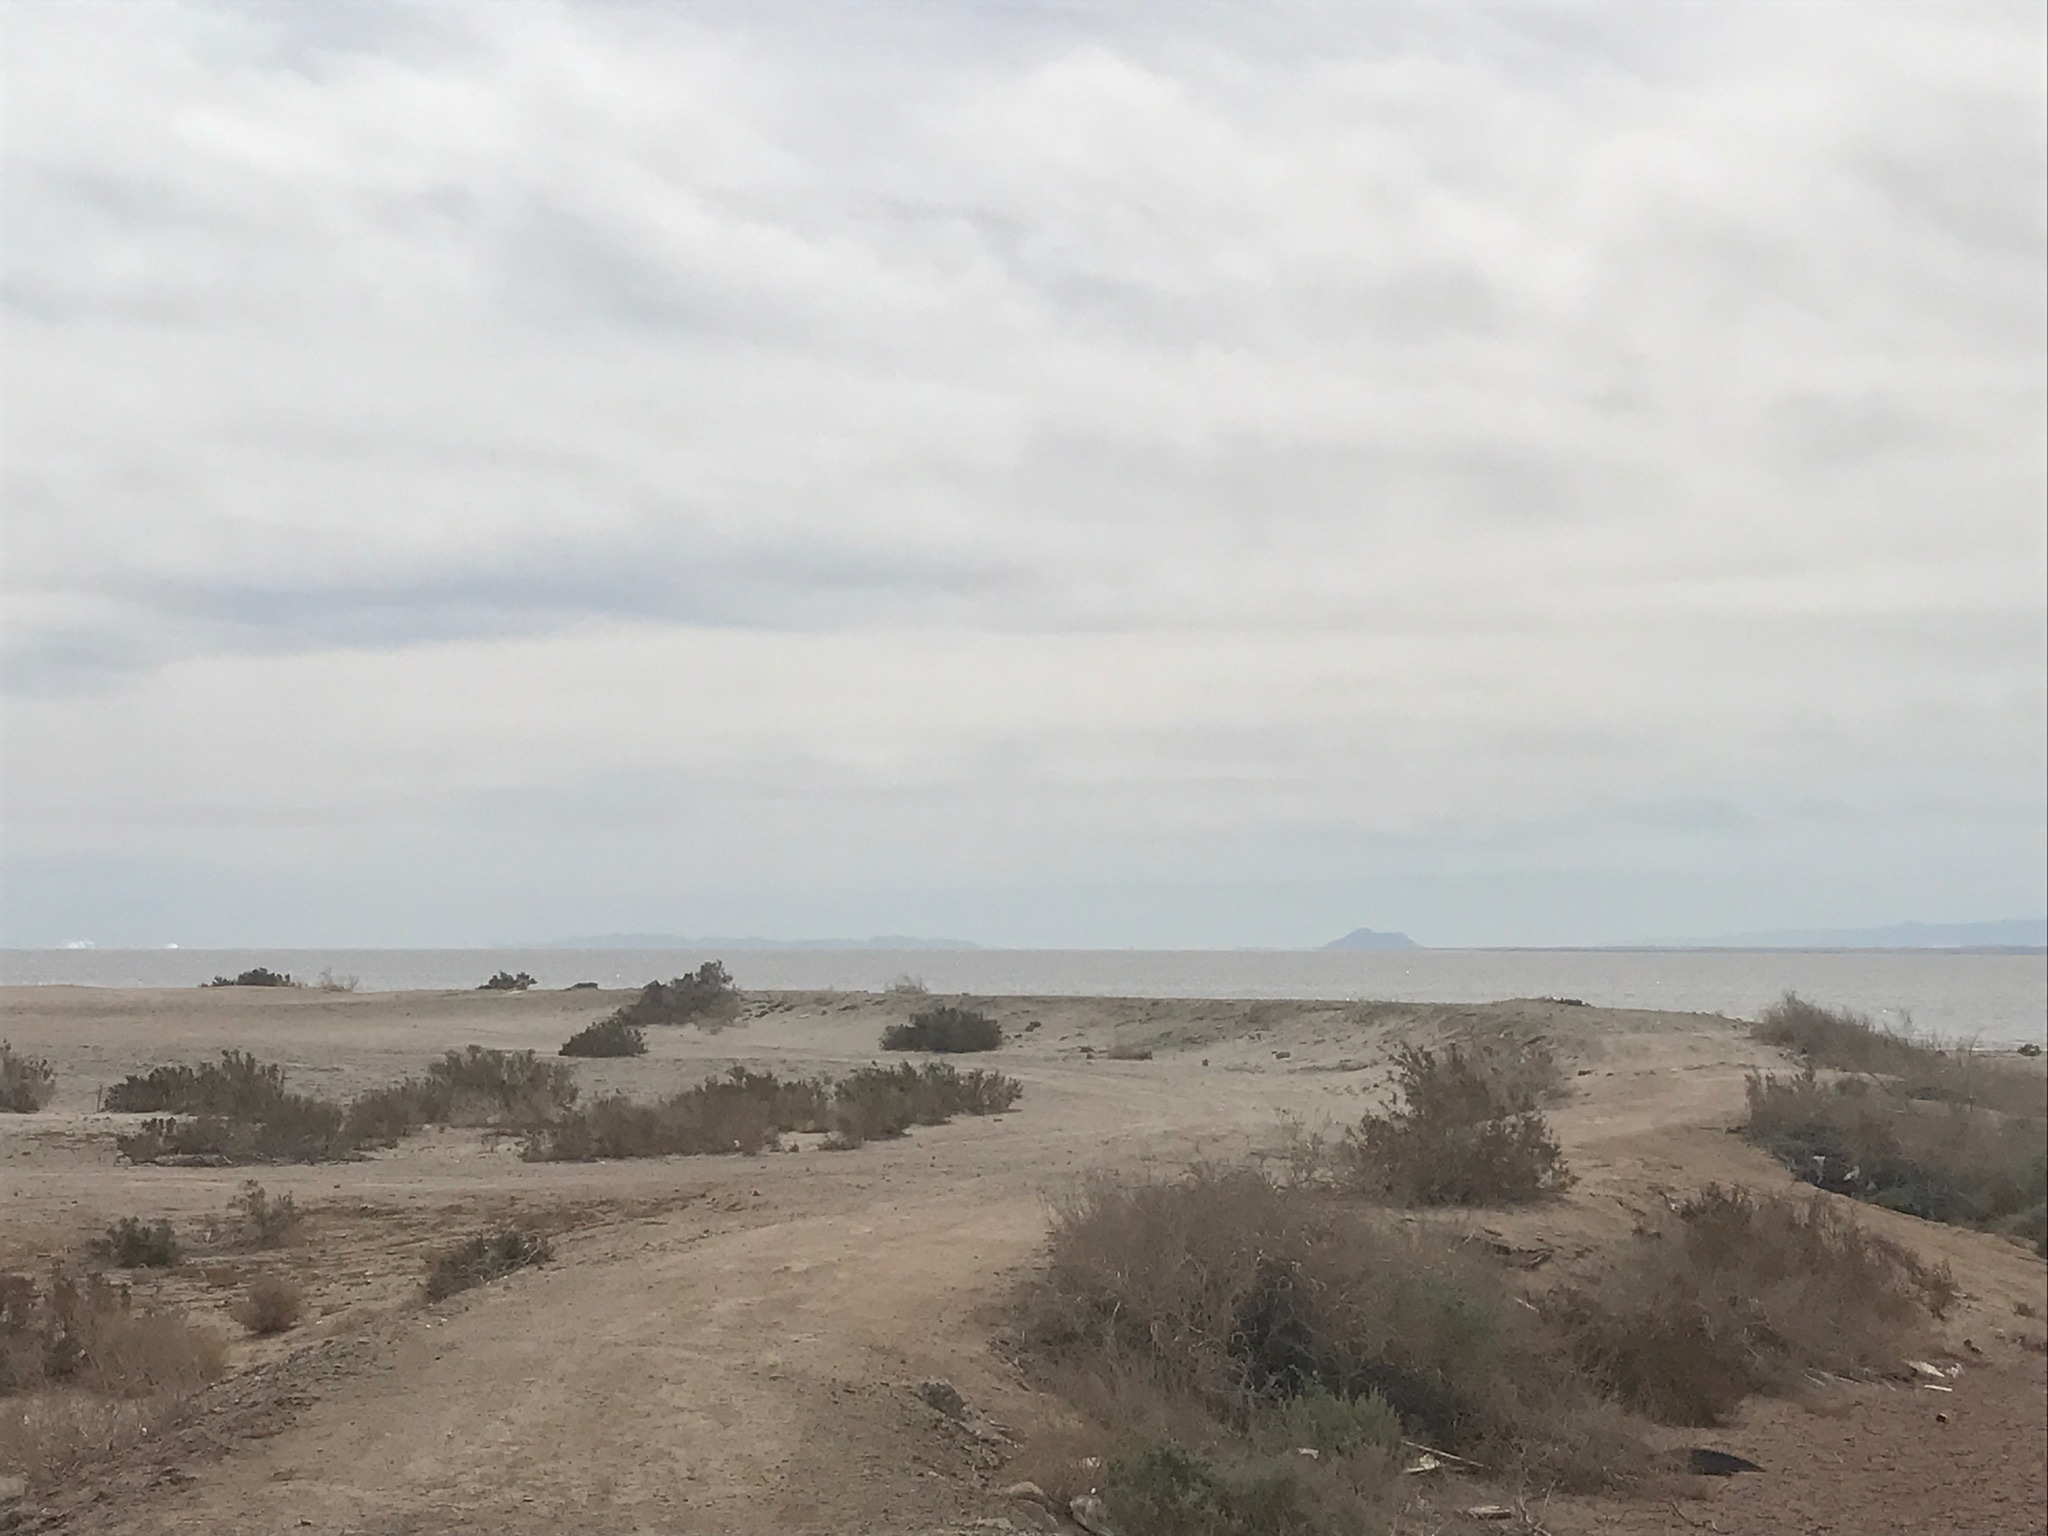 Salton Sea